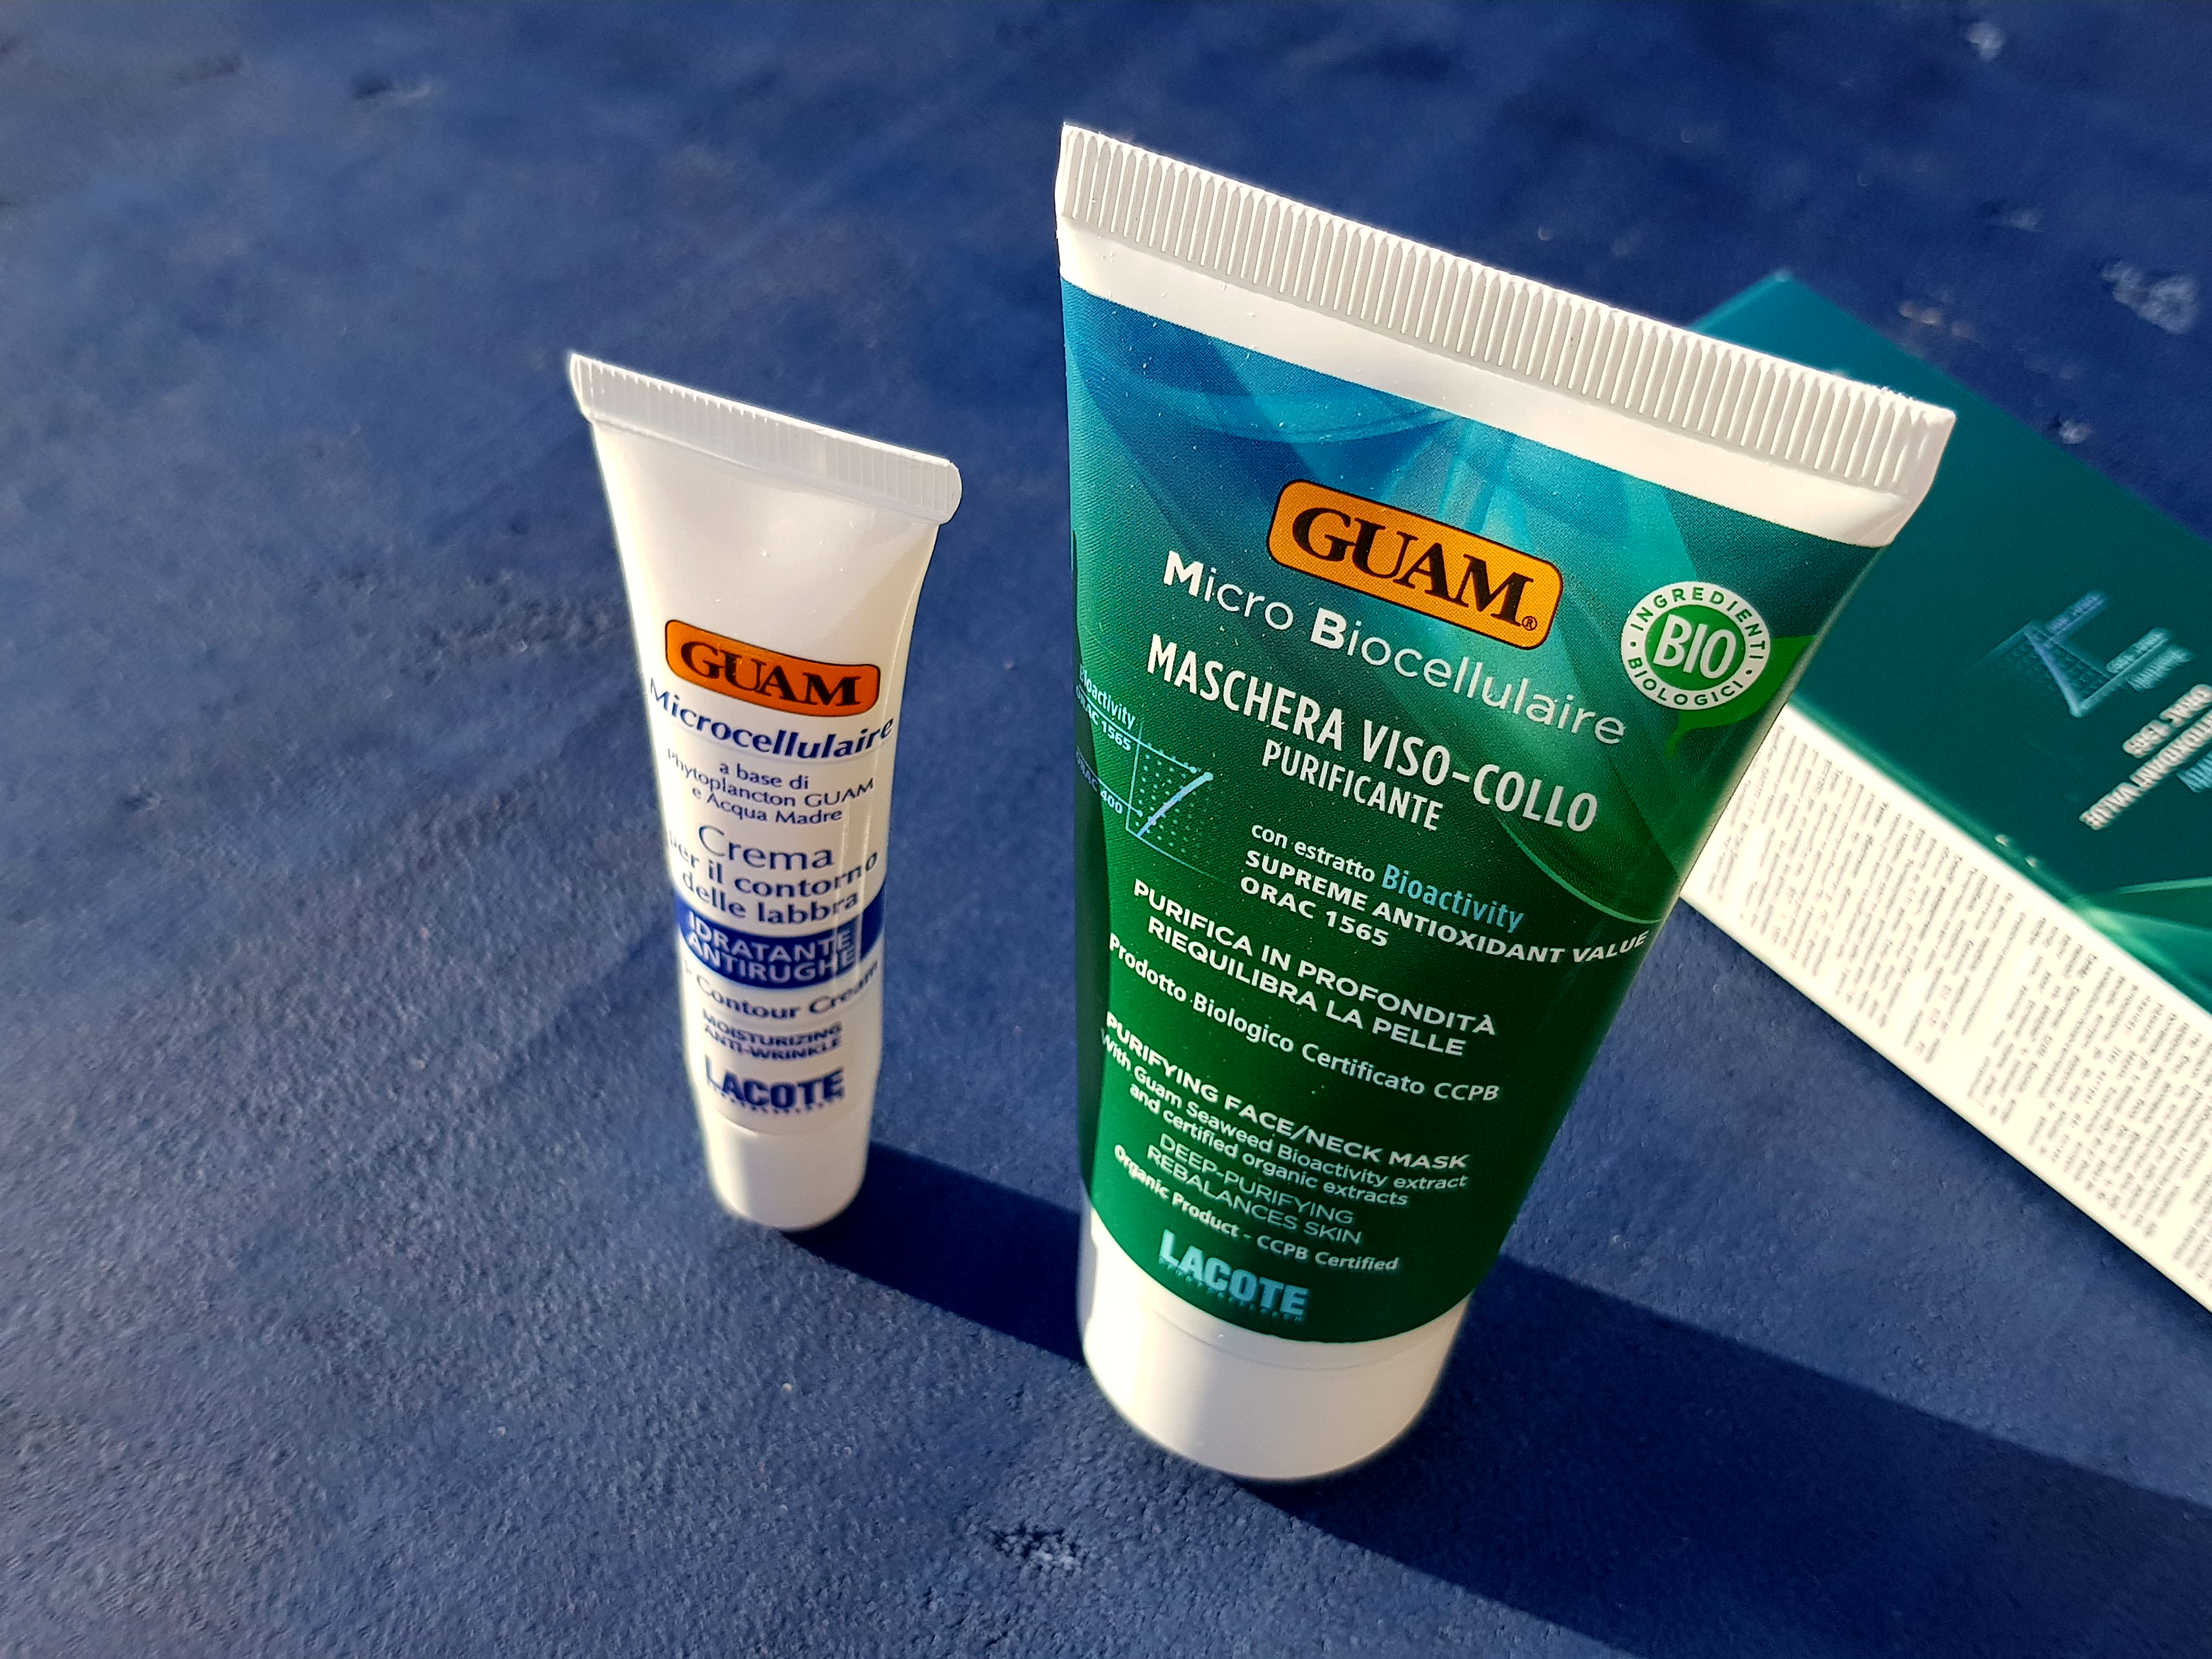 Guam Микробиоклеточный крем для контура губ & Микробиоклеточная очищающая маска